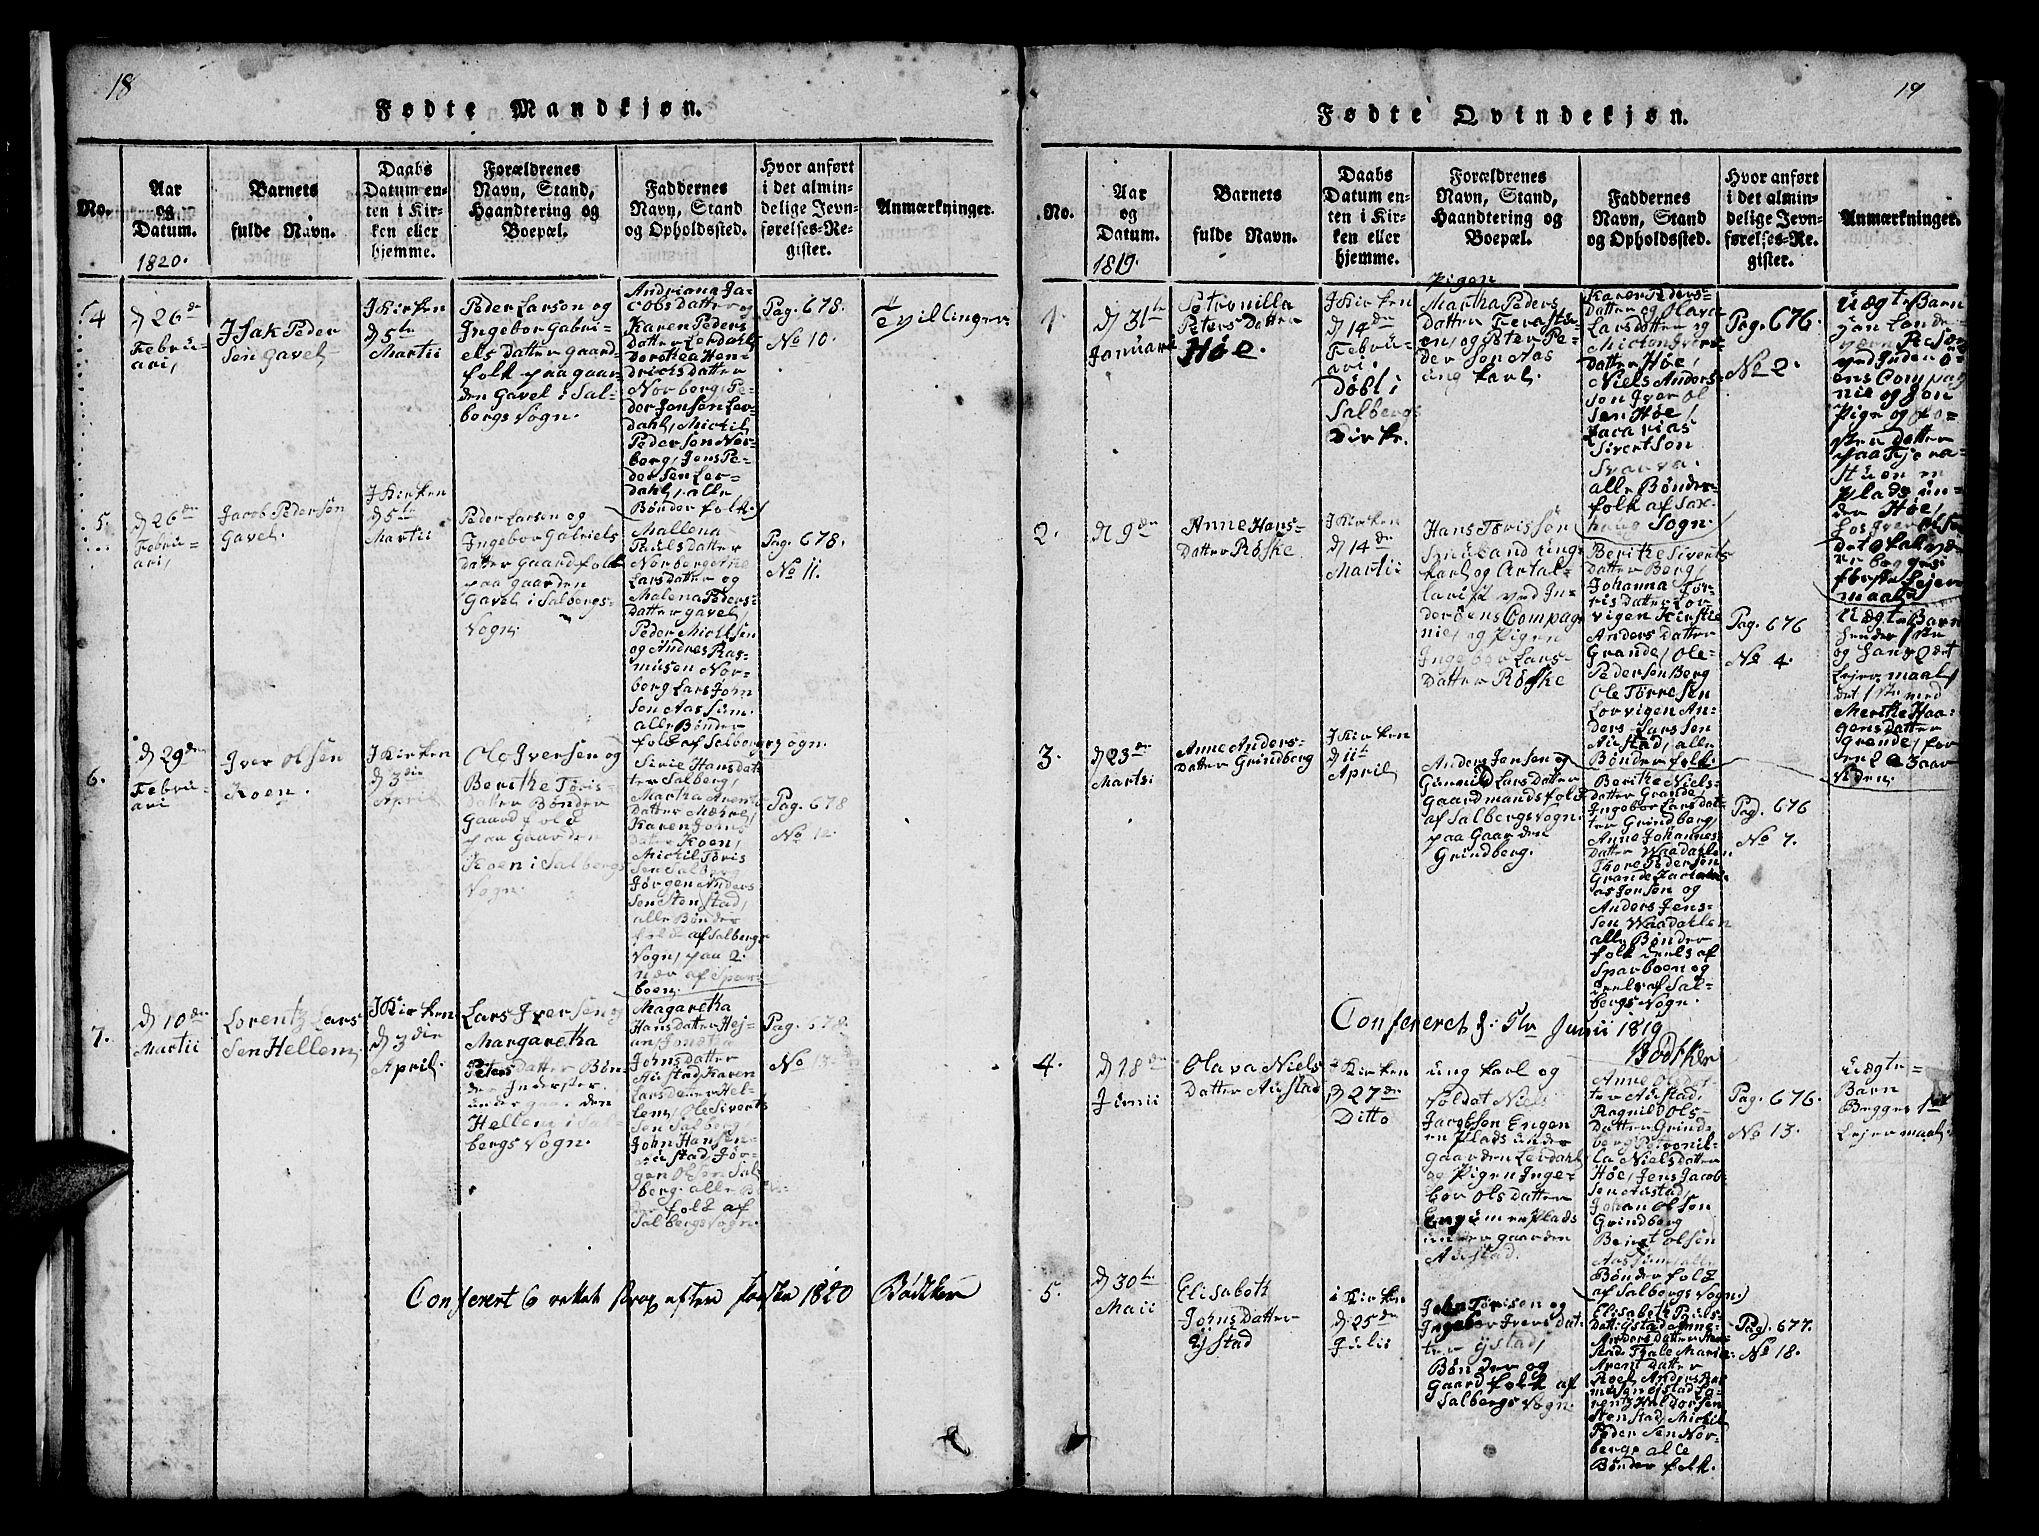 SAT, Ministerialprotokoller, klokkerbøker og fødselsregistre - Nord-Trøndelag, 731/L0310: Klokkerbok nr. 731C01, 1816-1874, s. 18-19